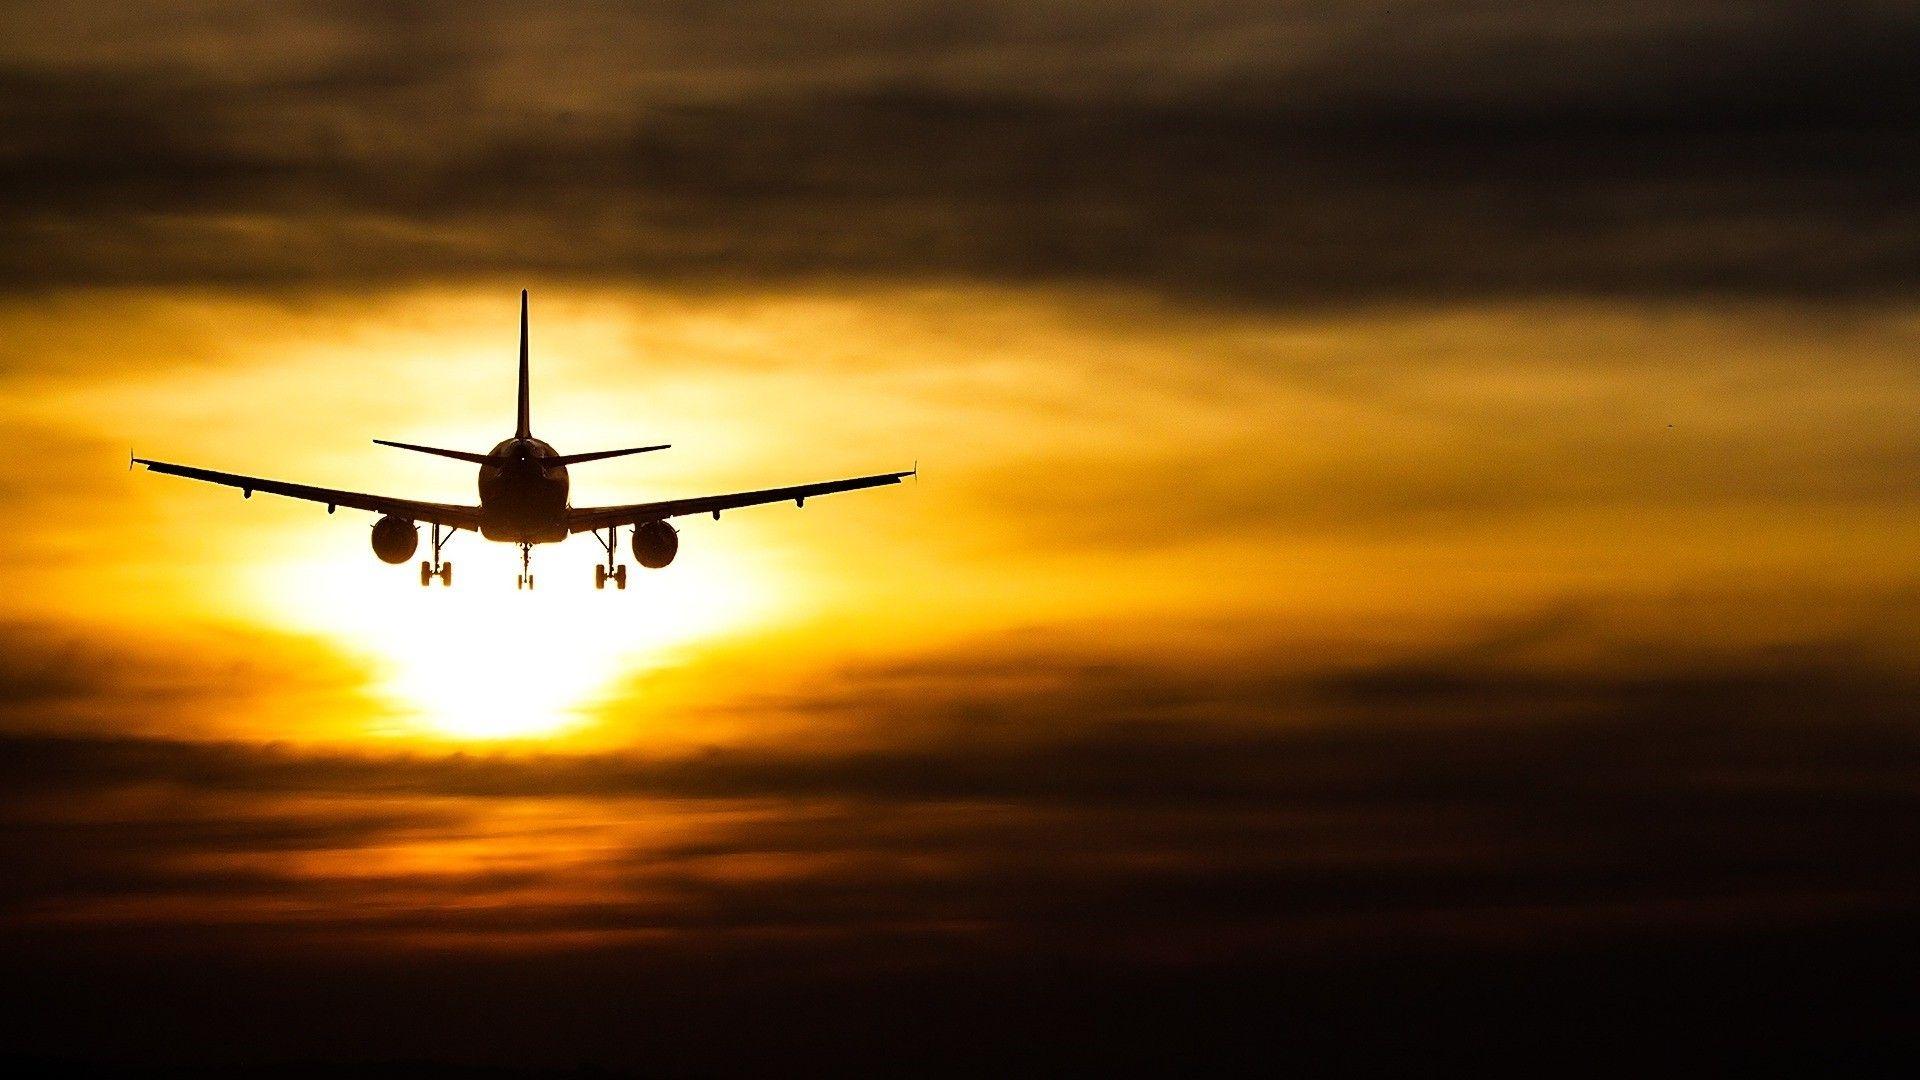 Sunset Passenger Plane Full HD Desktop Background